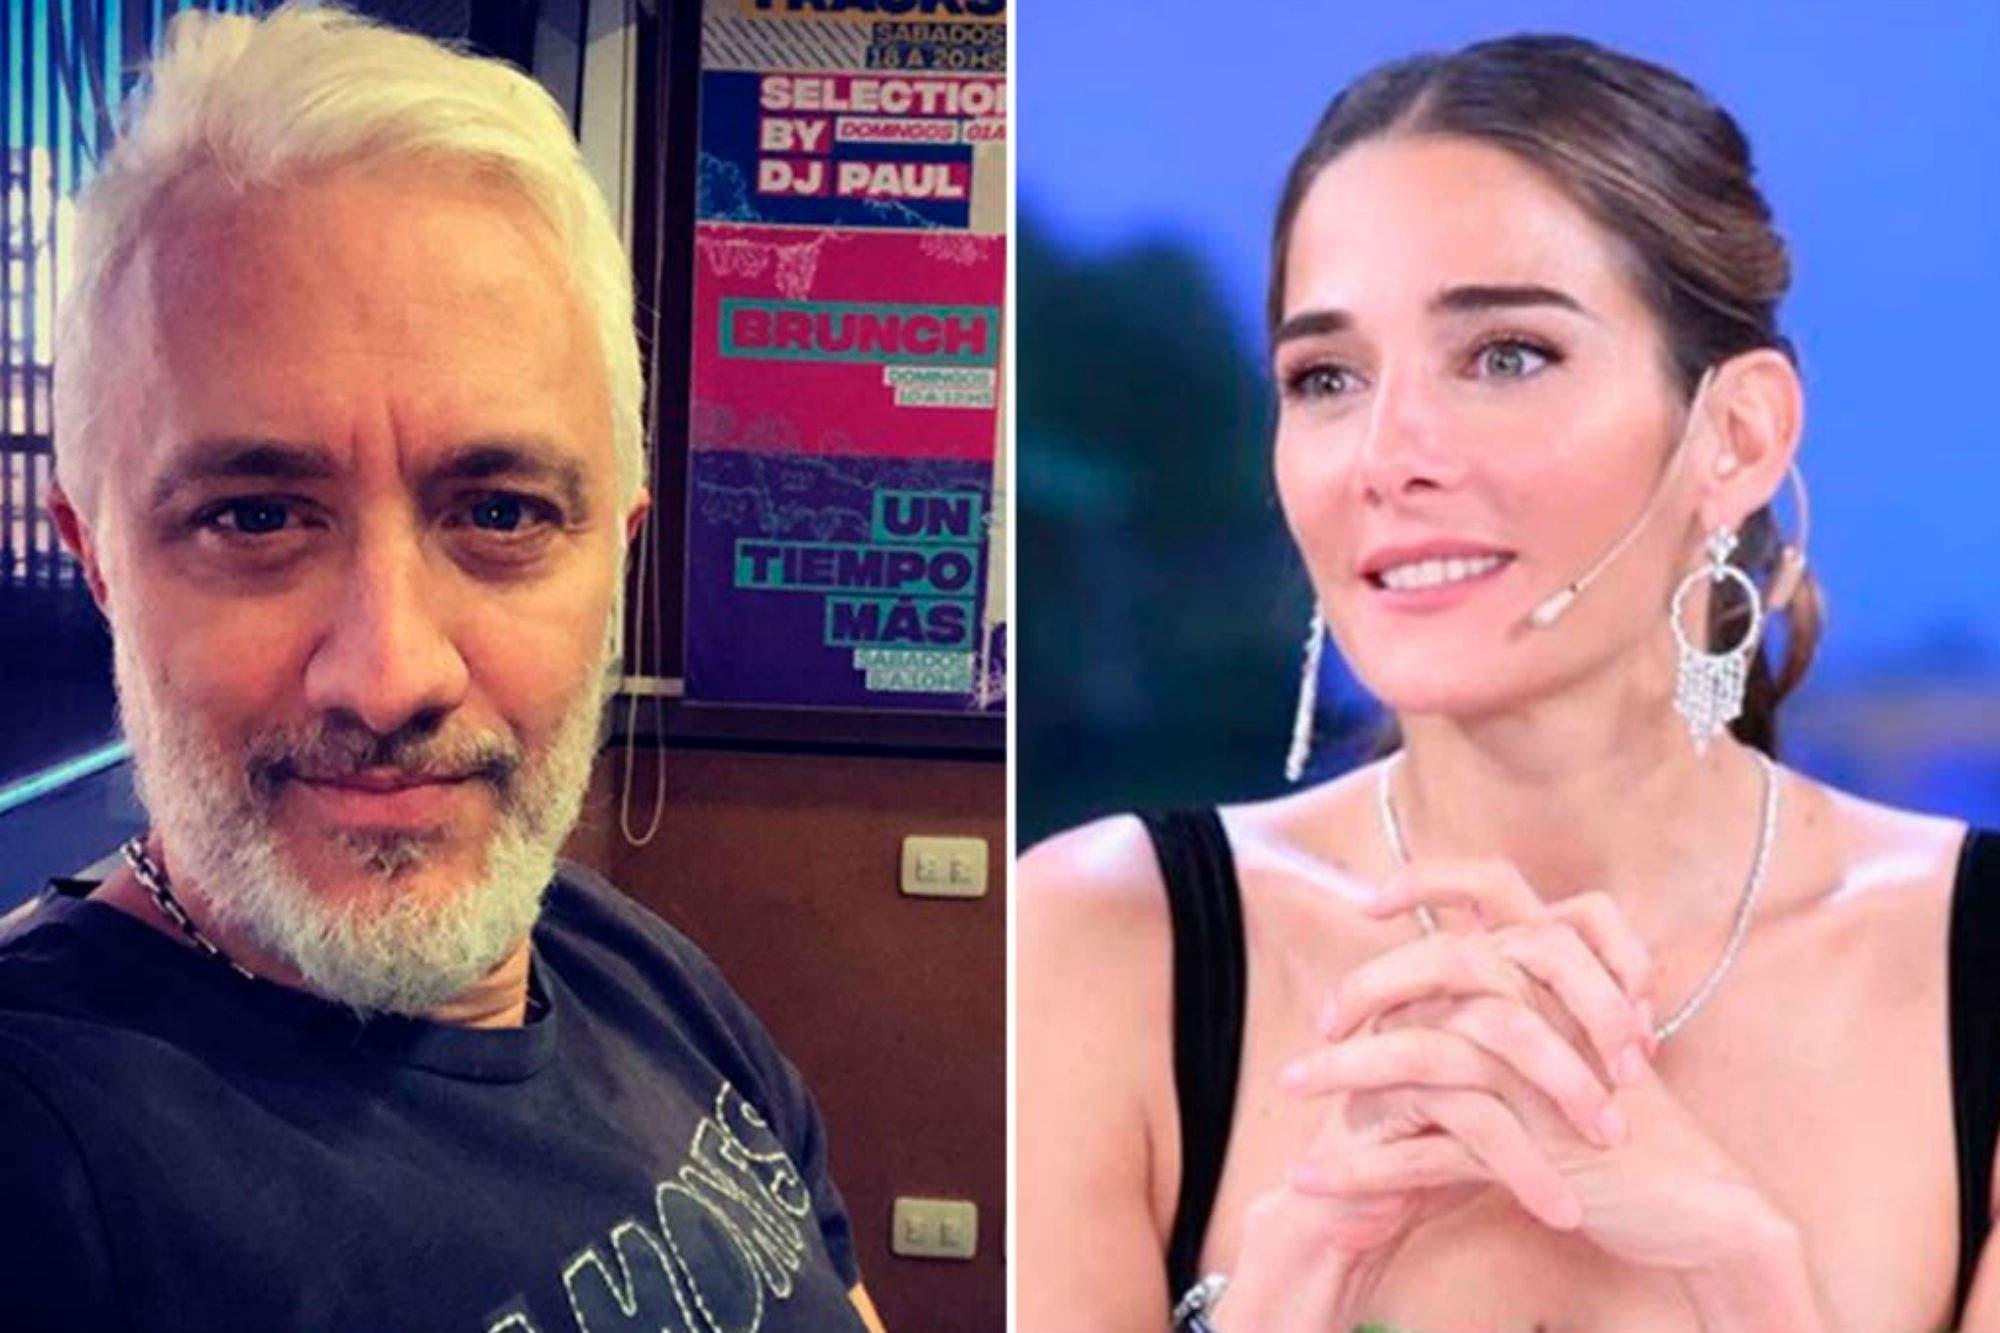 El rating de TV: cómo fue la pulseada del sábado entre Juana Viale y Andy Kusnetzoff